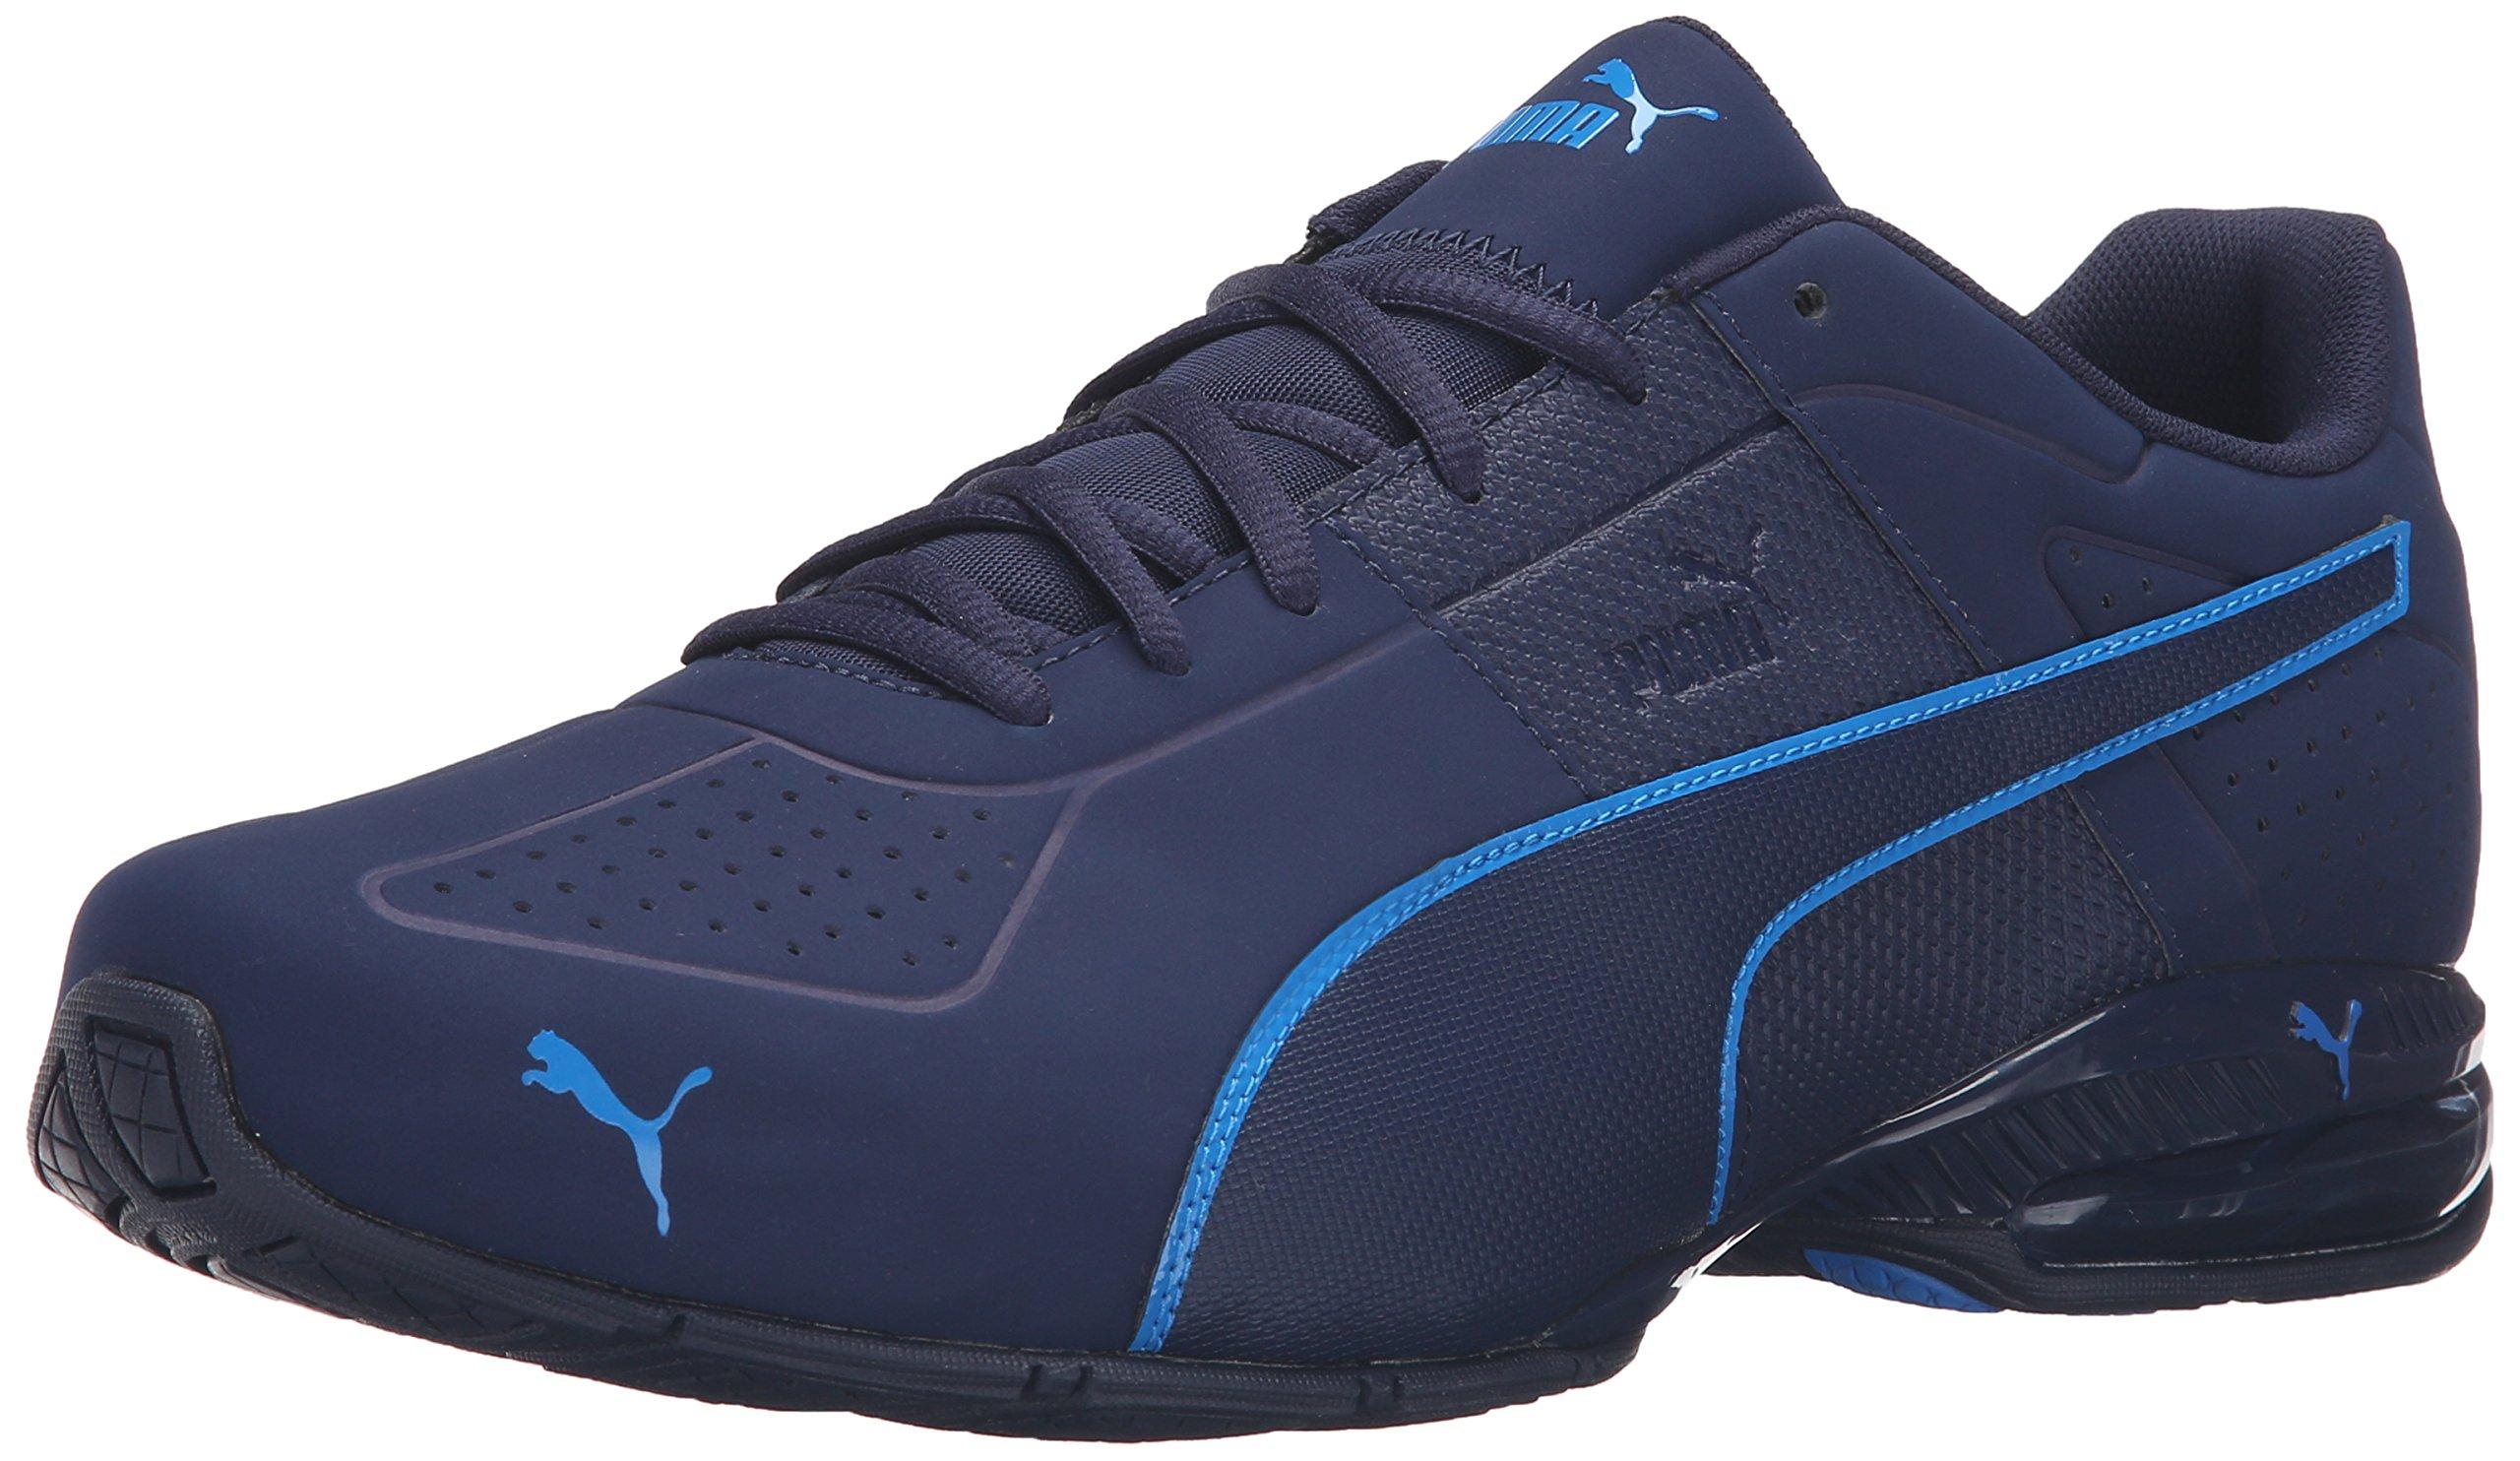 PUMA Men's Cell Surin 2 Matte Cross-Trainer Shoe, Peacoat/Electric Blue Lemonade, 9 M US